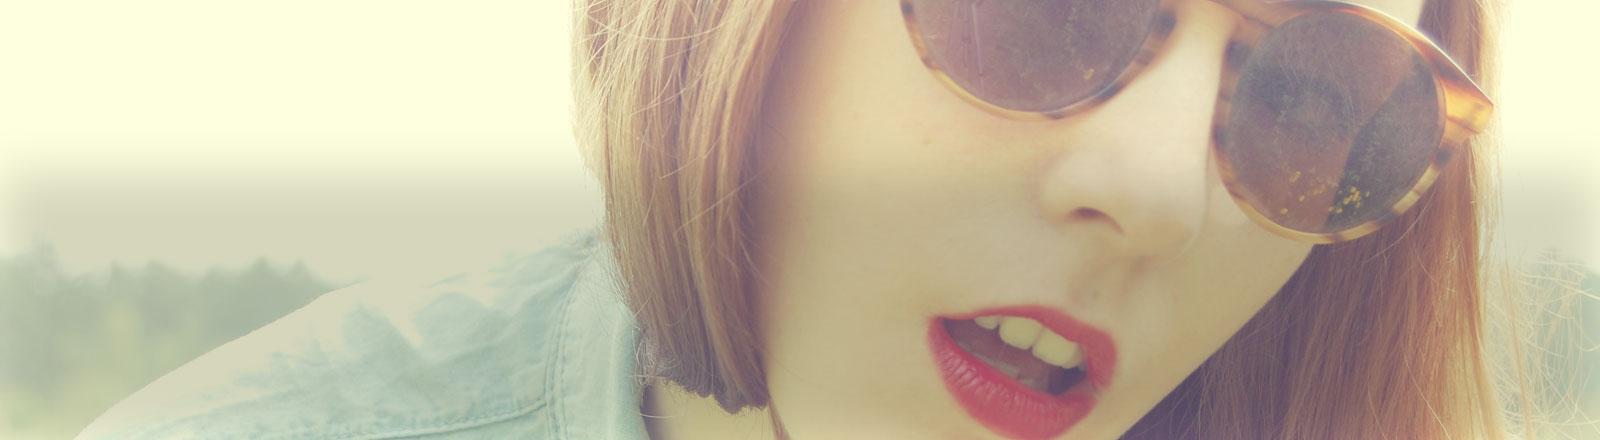 Eine Frau mit großer Sonnenbrille schaut in die Kamera.